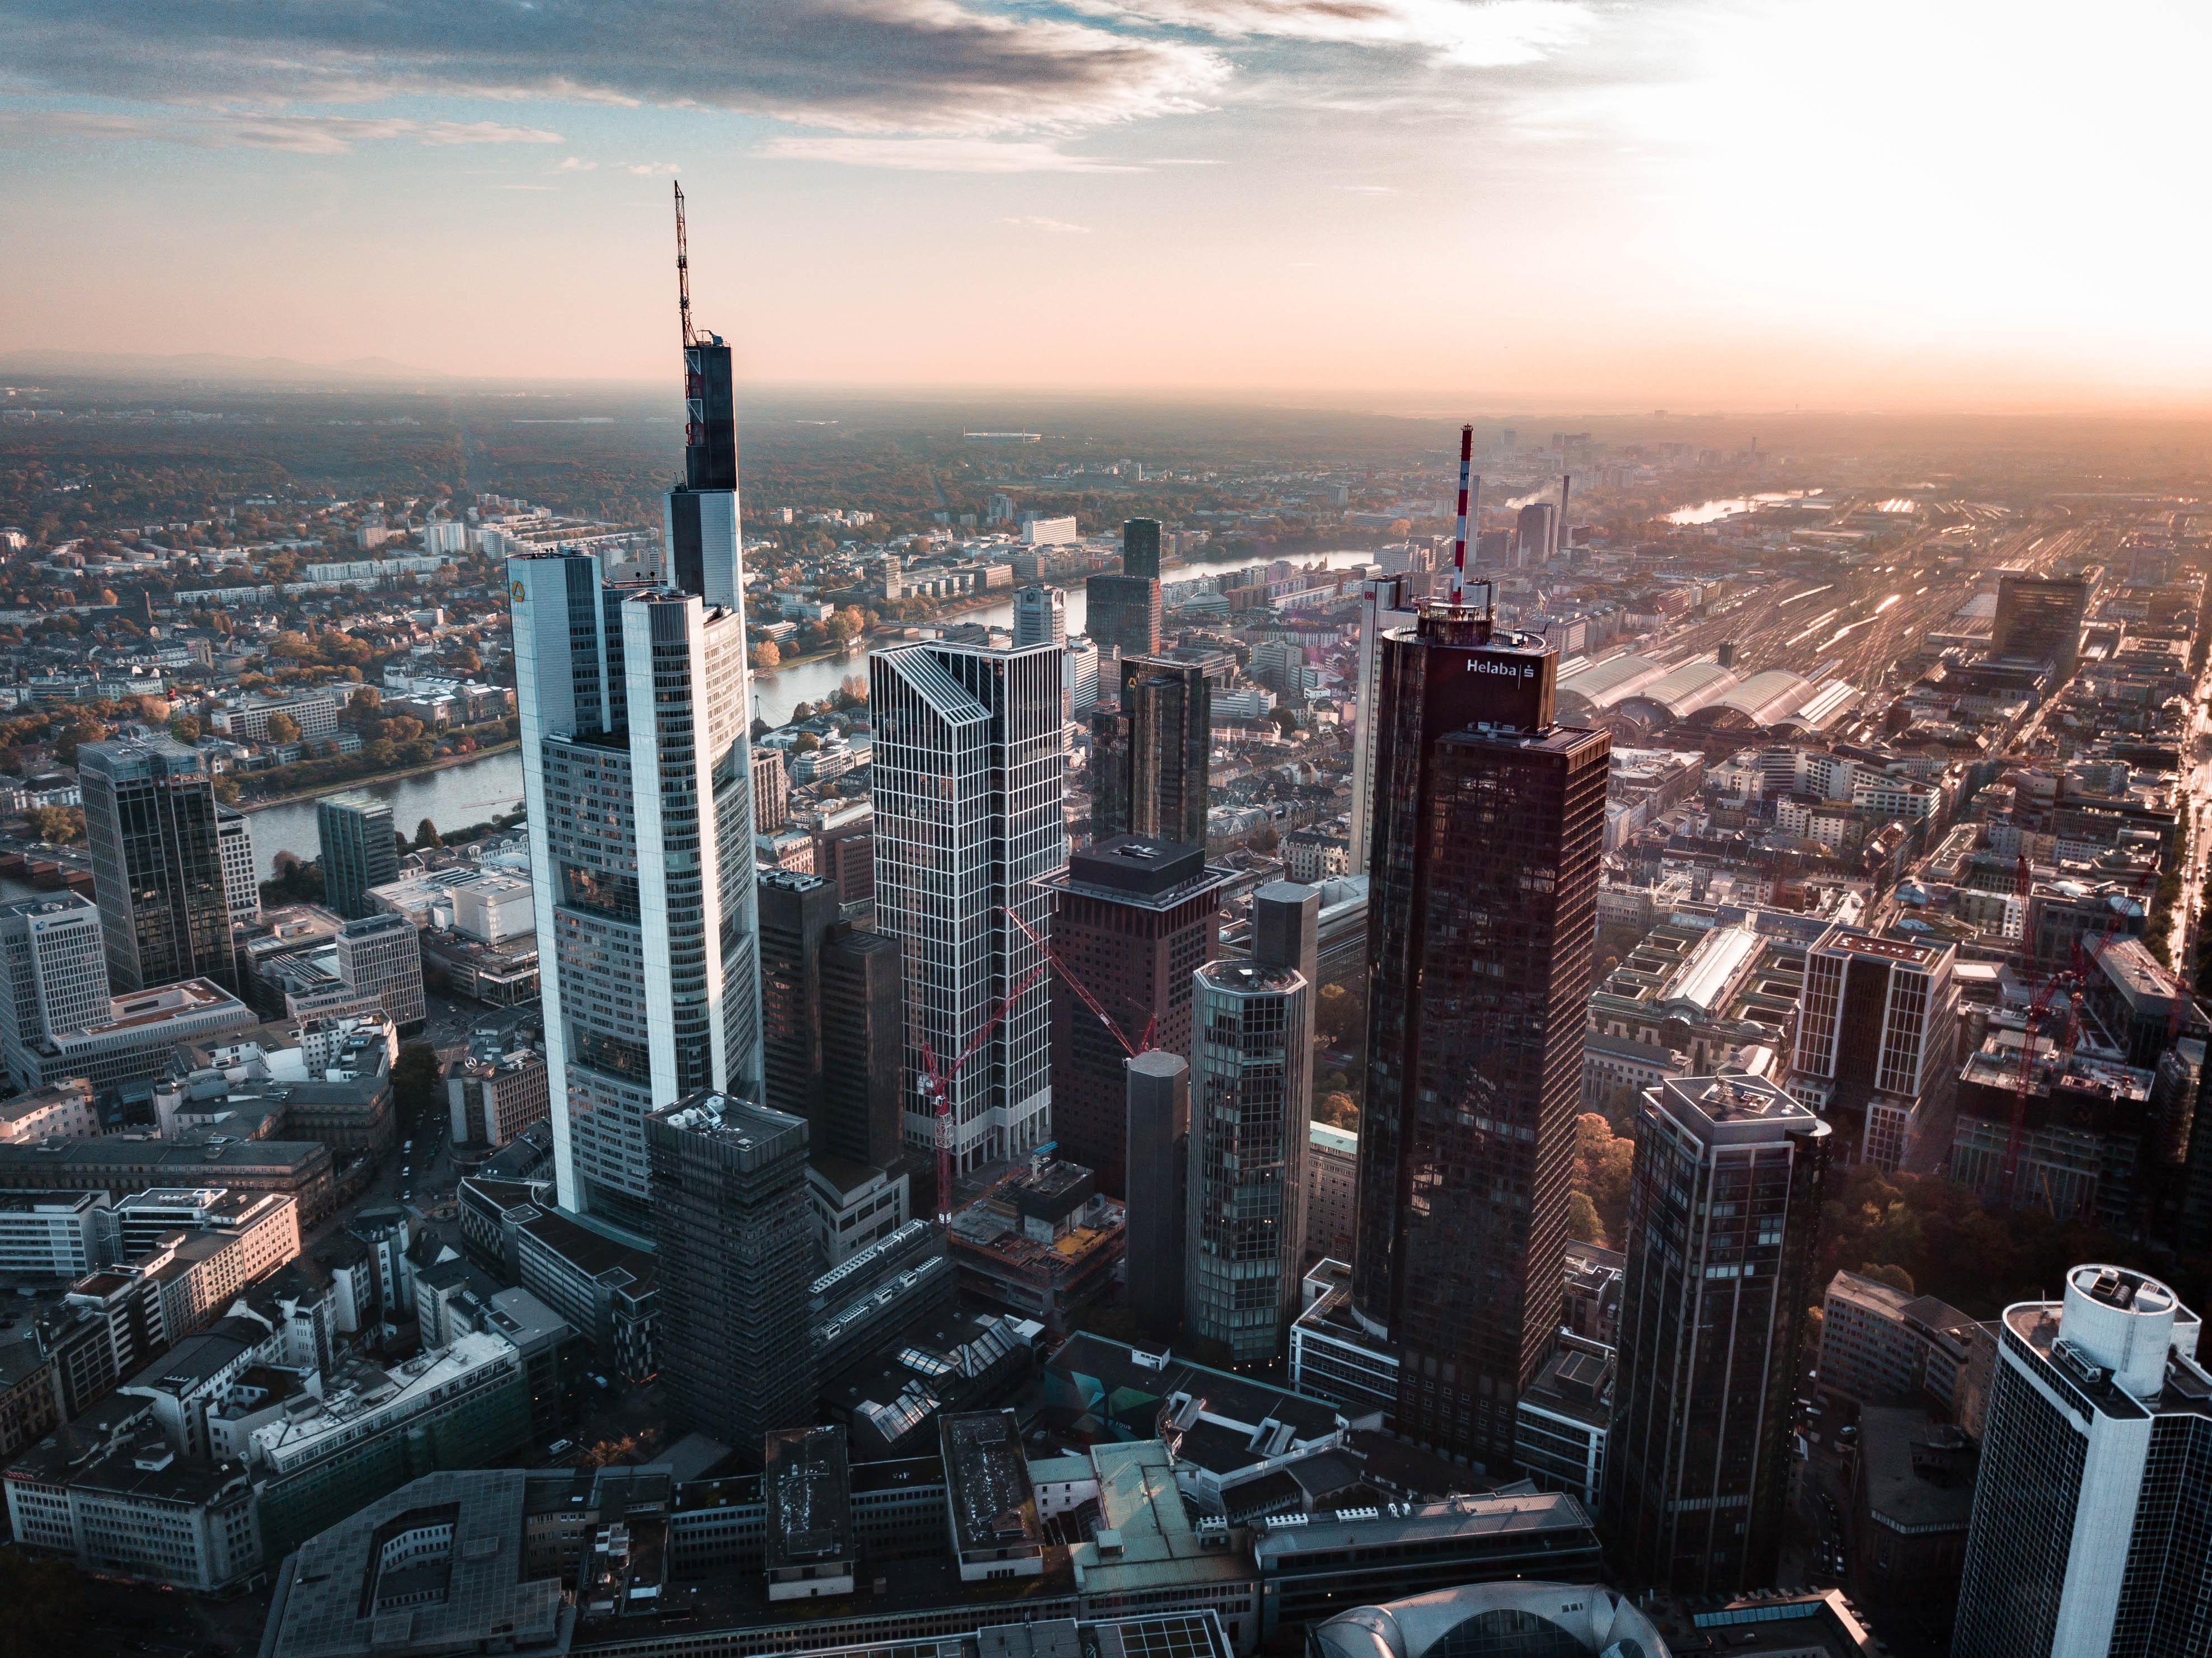 Immobilien Ankaufsprofil Frankfurt: Unsere Immobilieninvestoren kaufen an